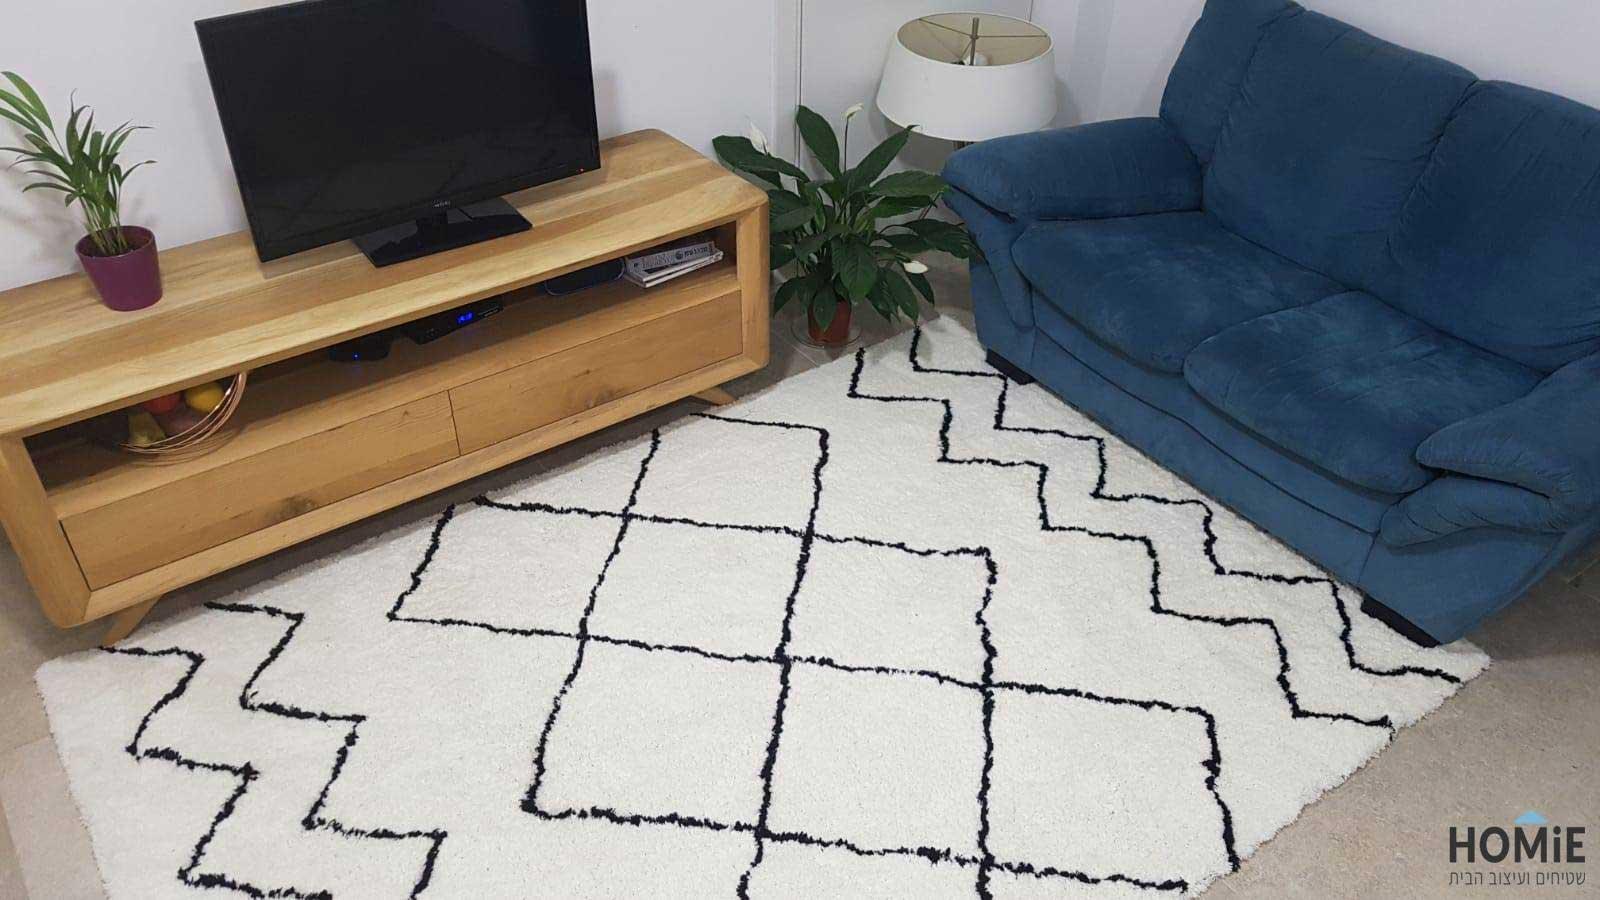 שטיח ברבר מרוקאי שחור לבן בסלון של מוריה